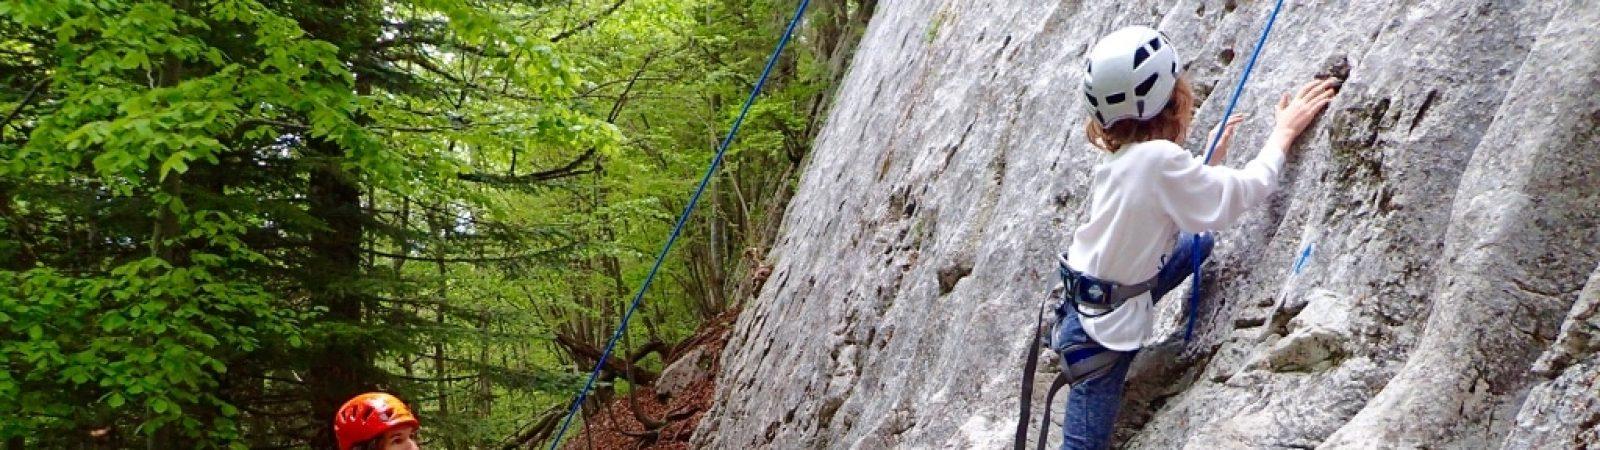 Family climbing day close to Geneva